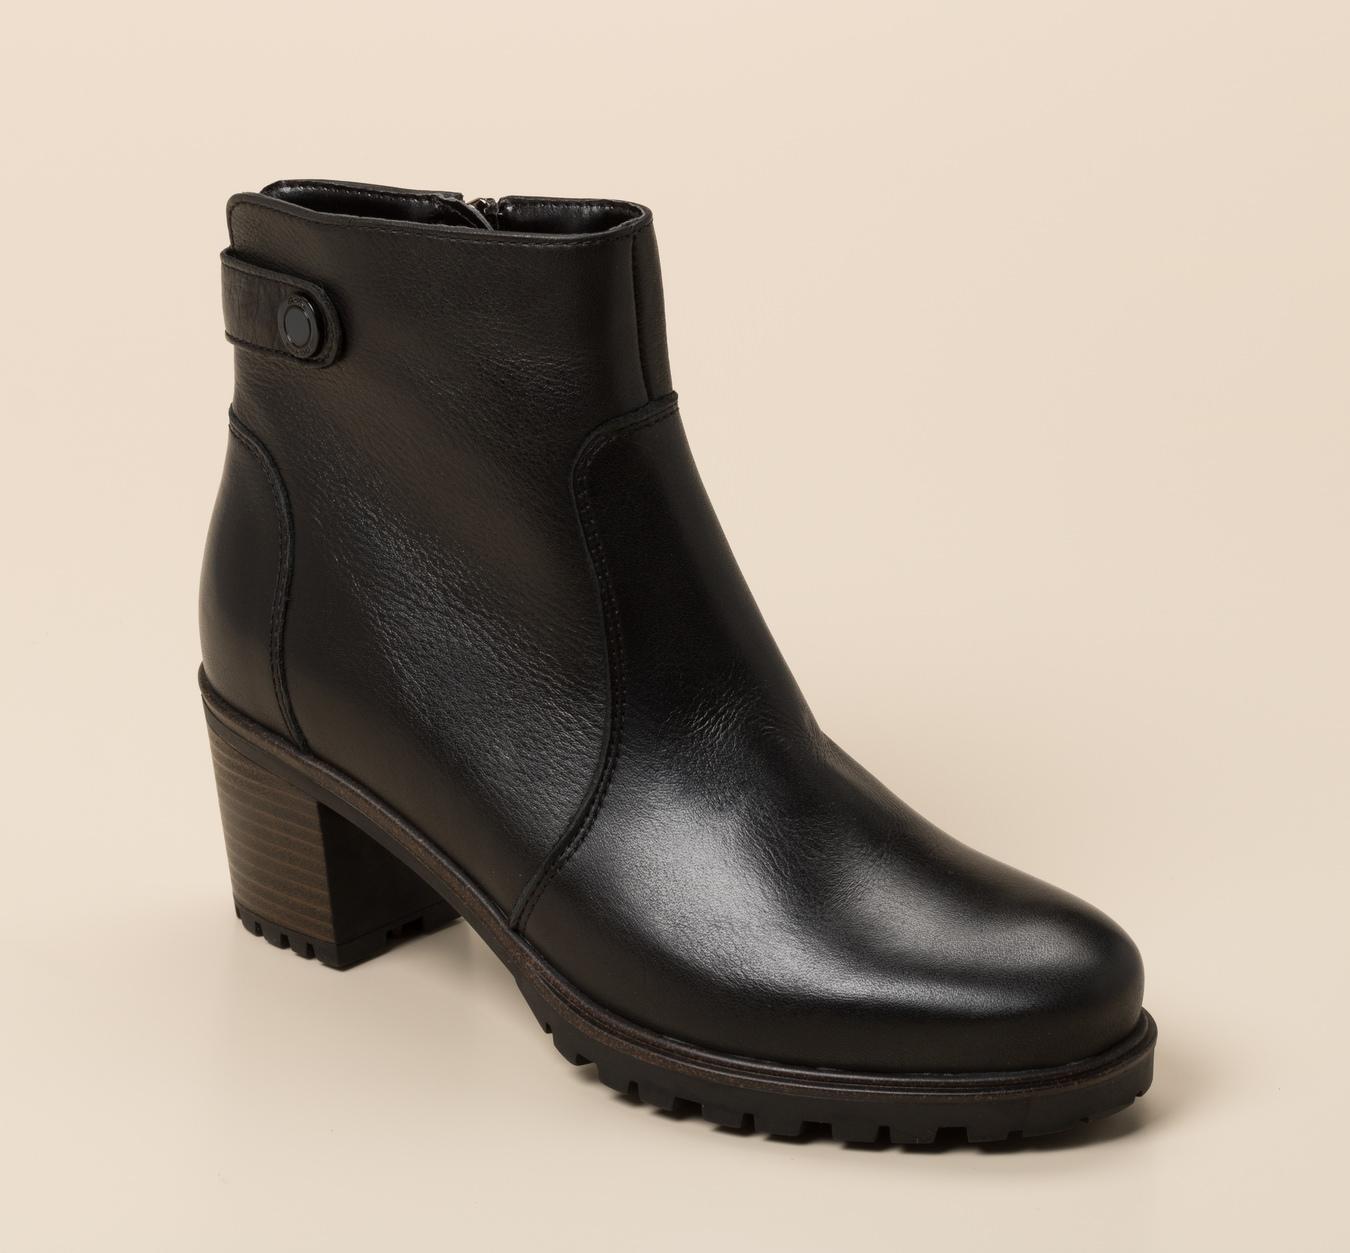 ARA BY GABOR Schuhe Winterstiefel Stiefel Stiefeletten Boots